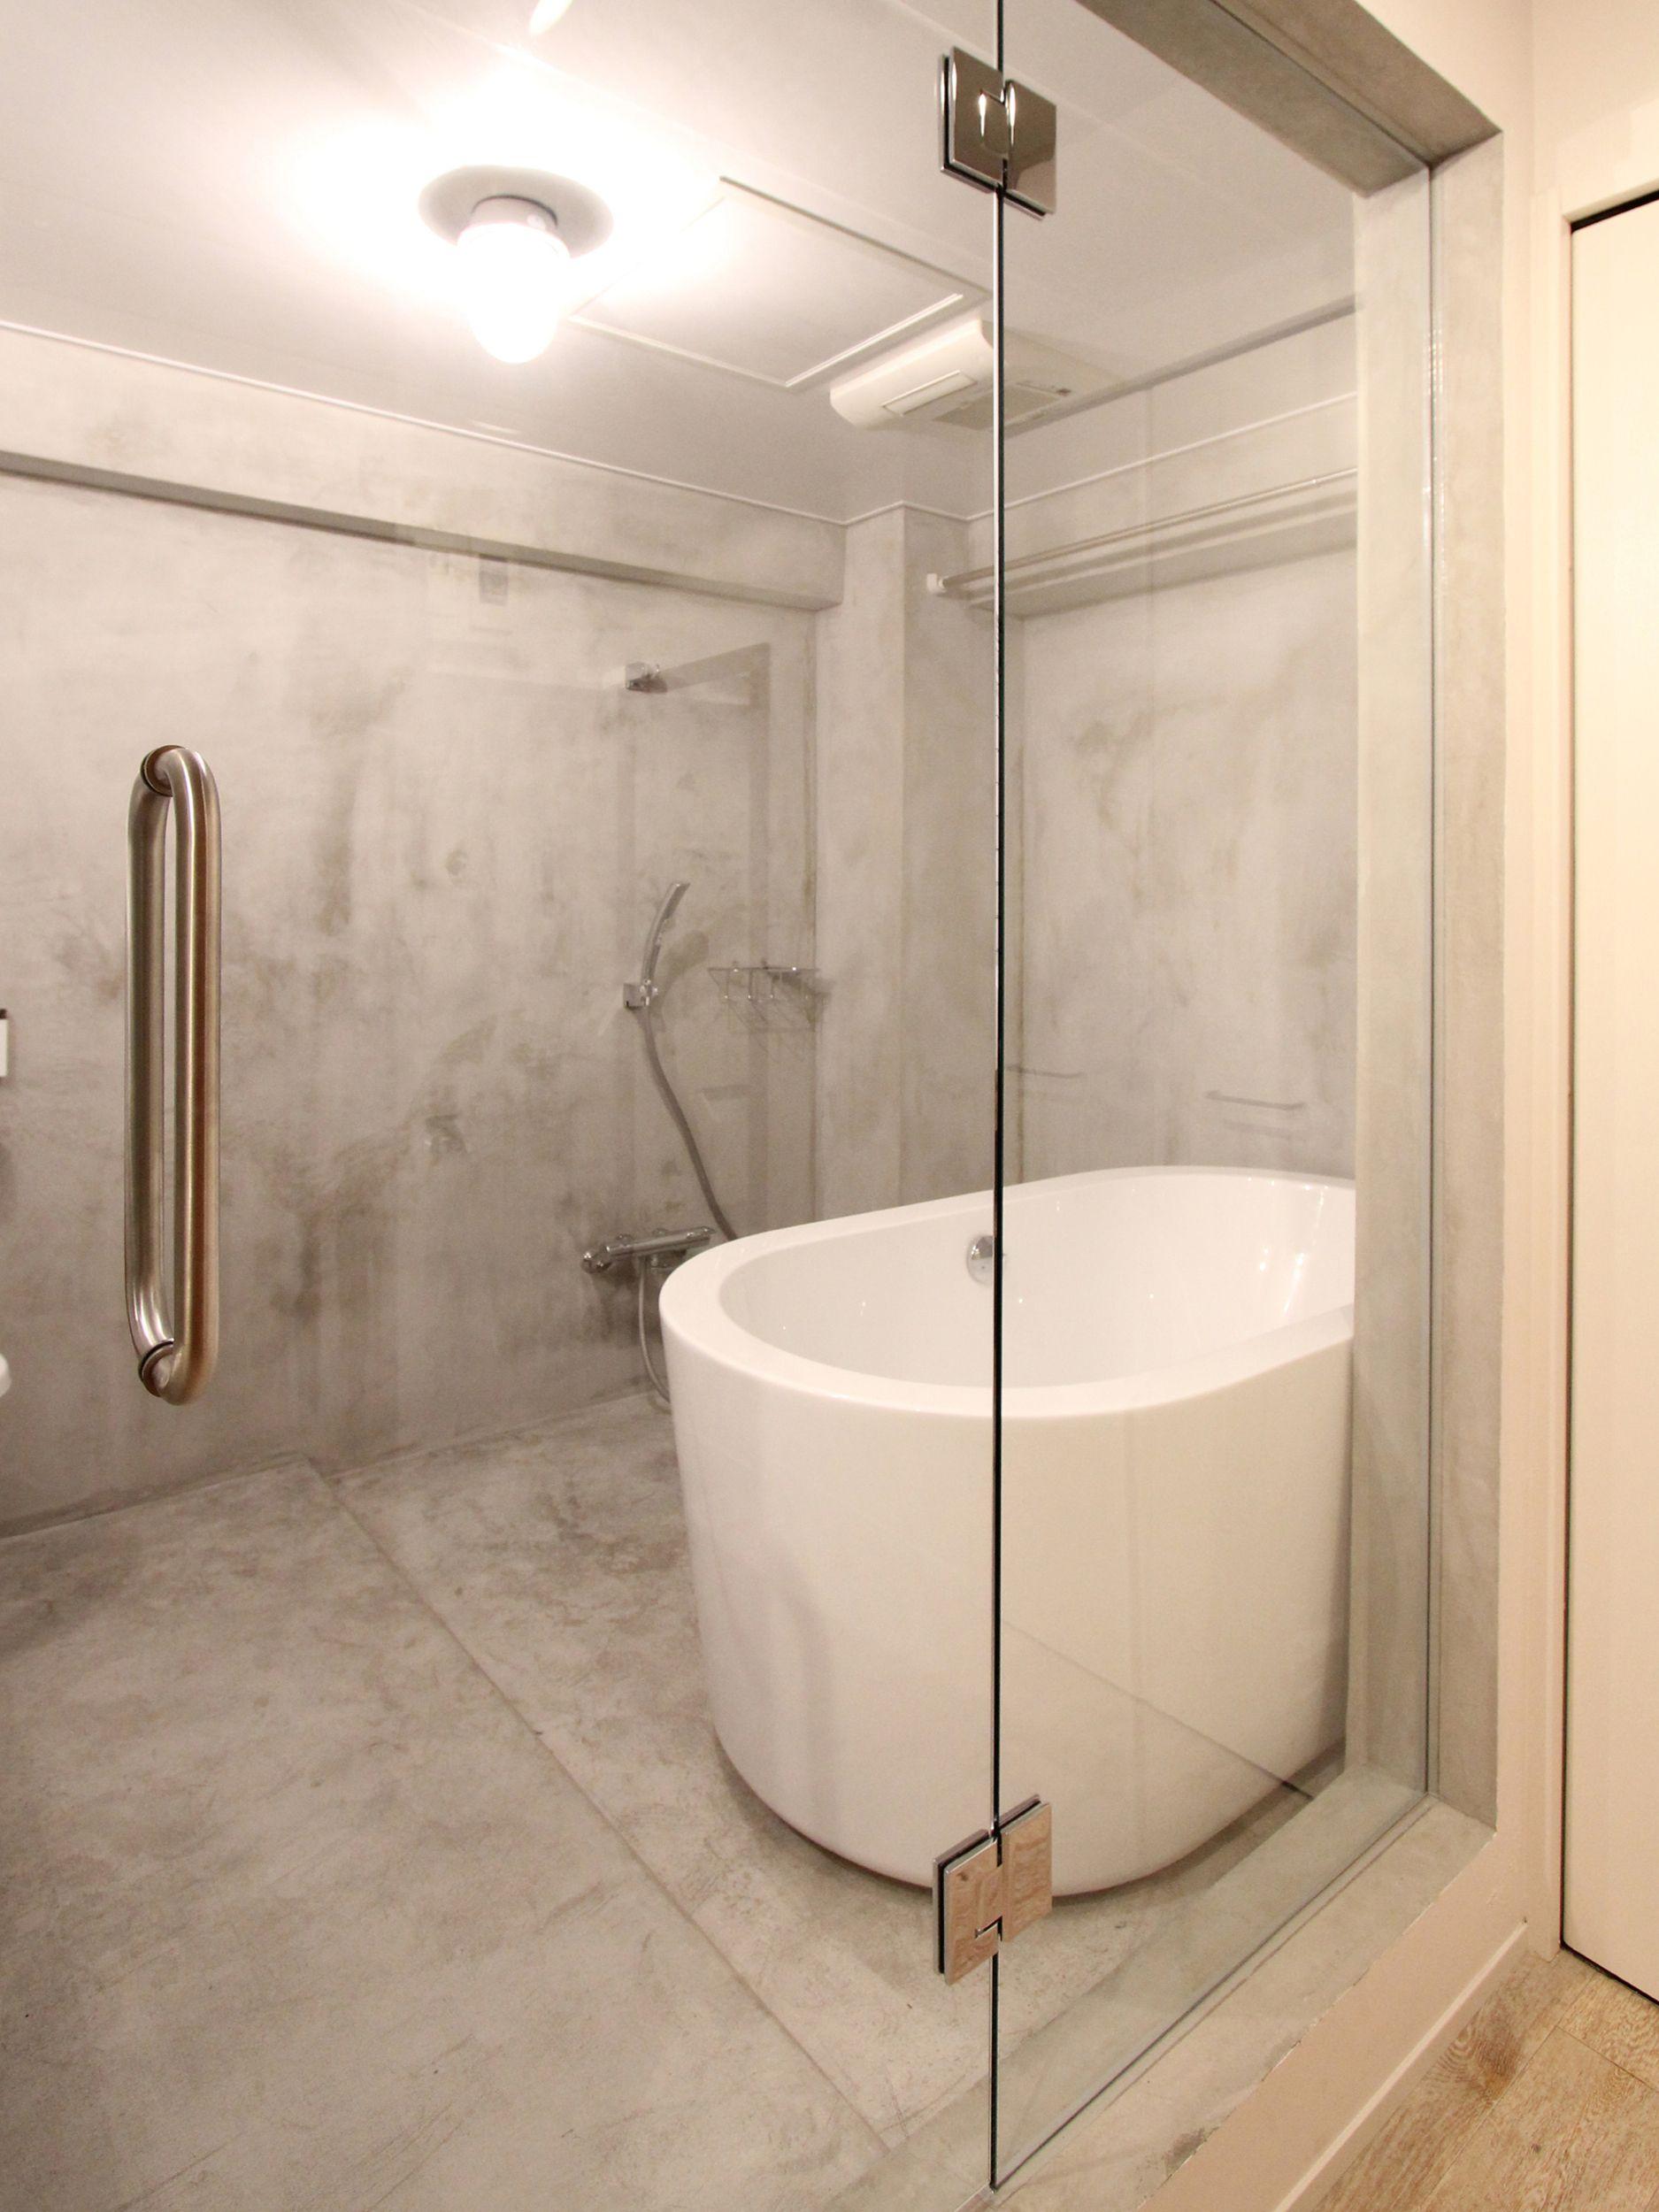 ホテルライクなバスルームに バスルーム リビング キッチン トイレ